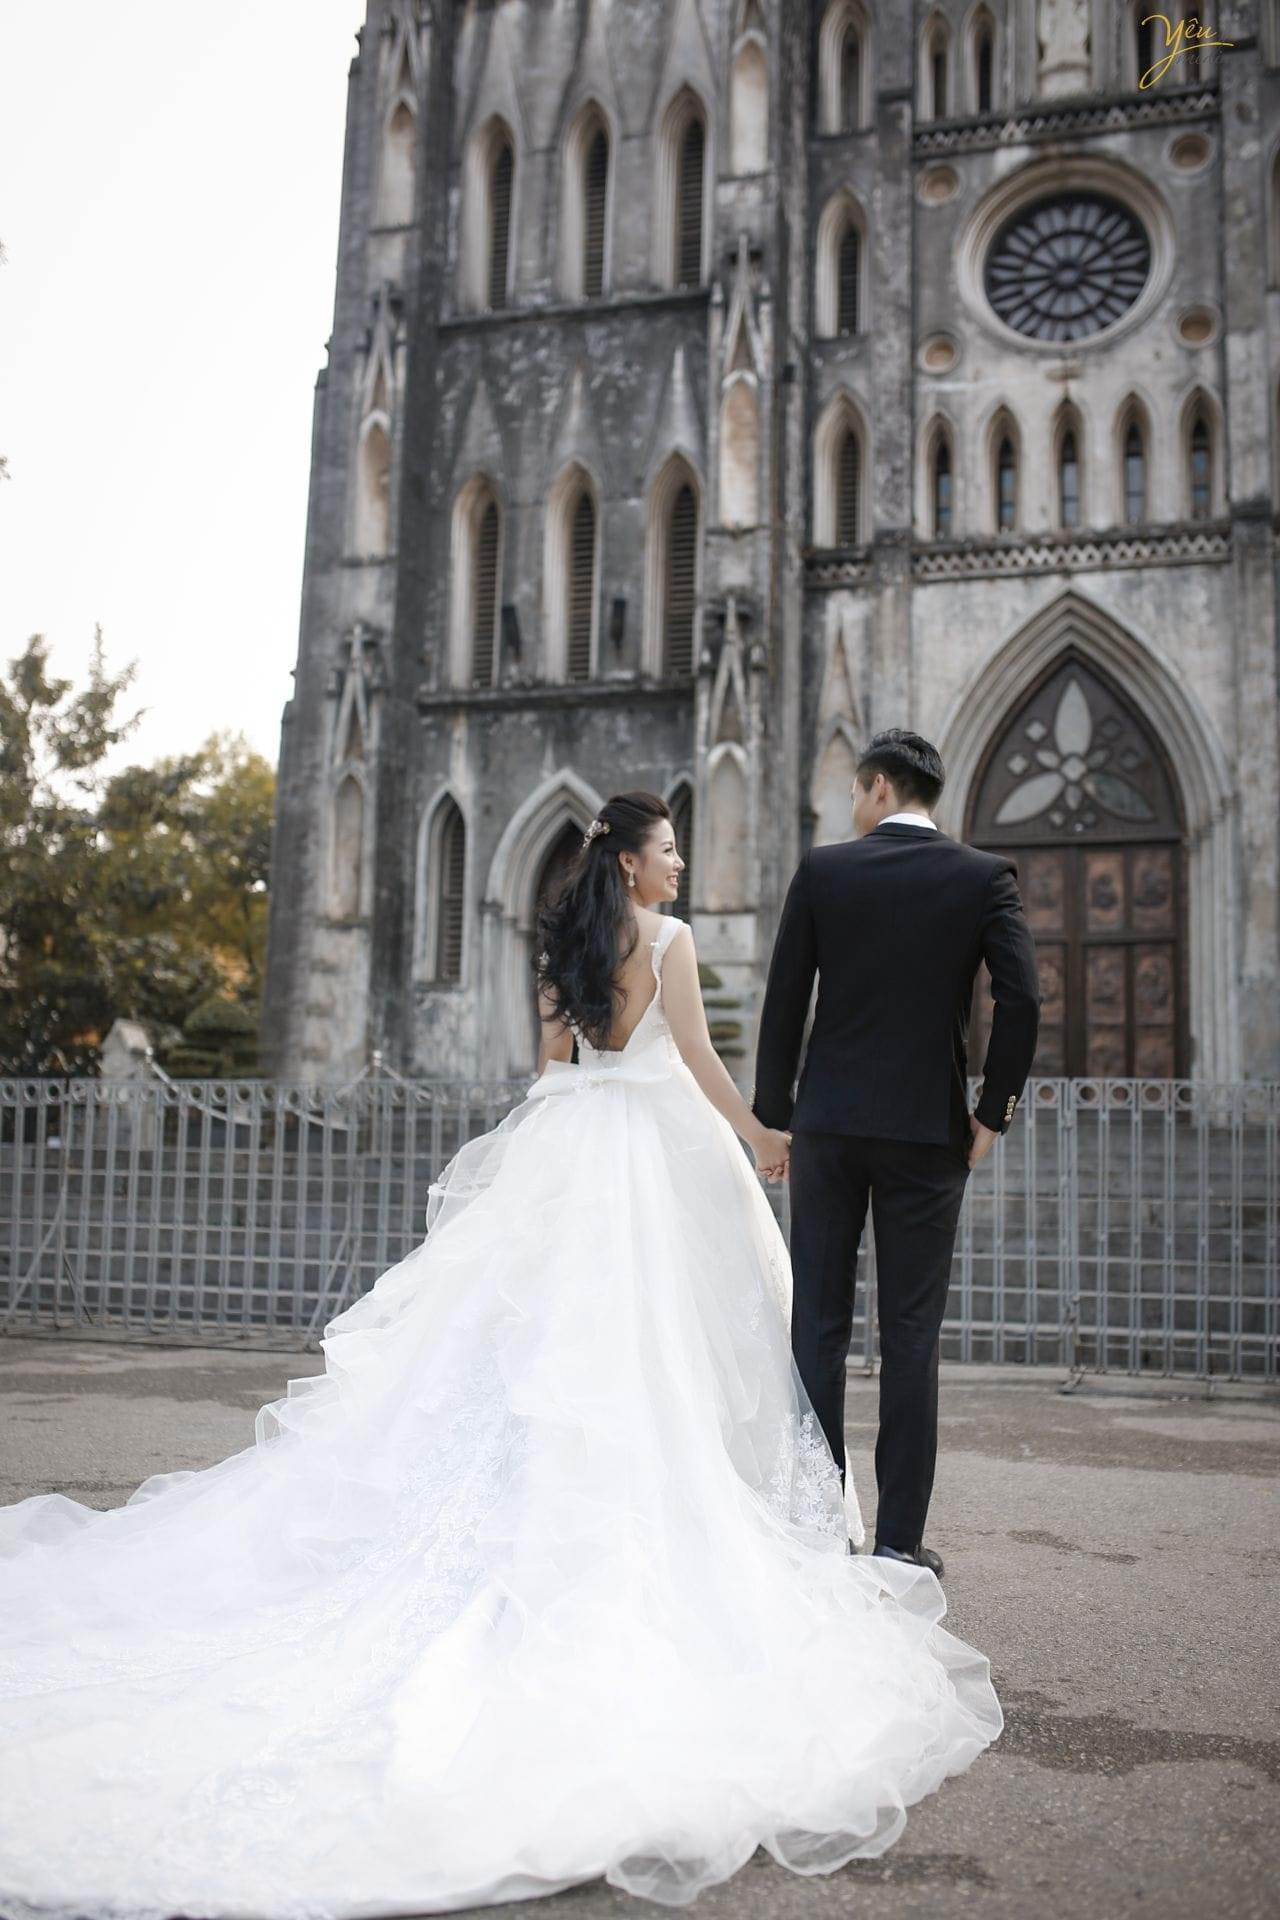 ảnh chụp cưới phía sau lưng cô dâu chú rể